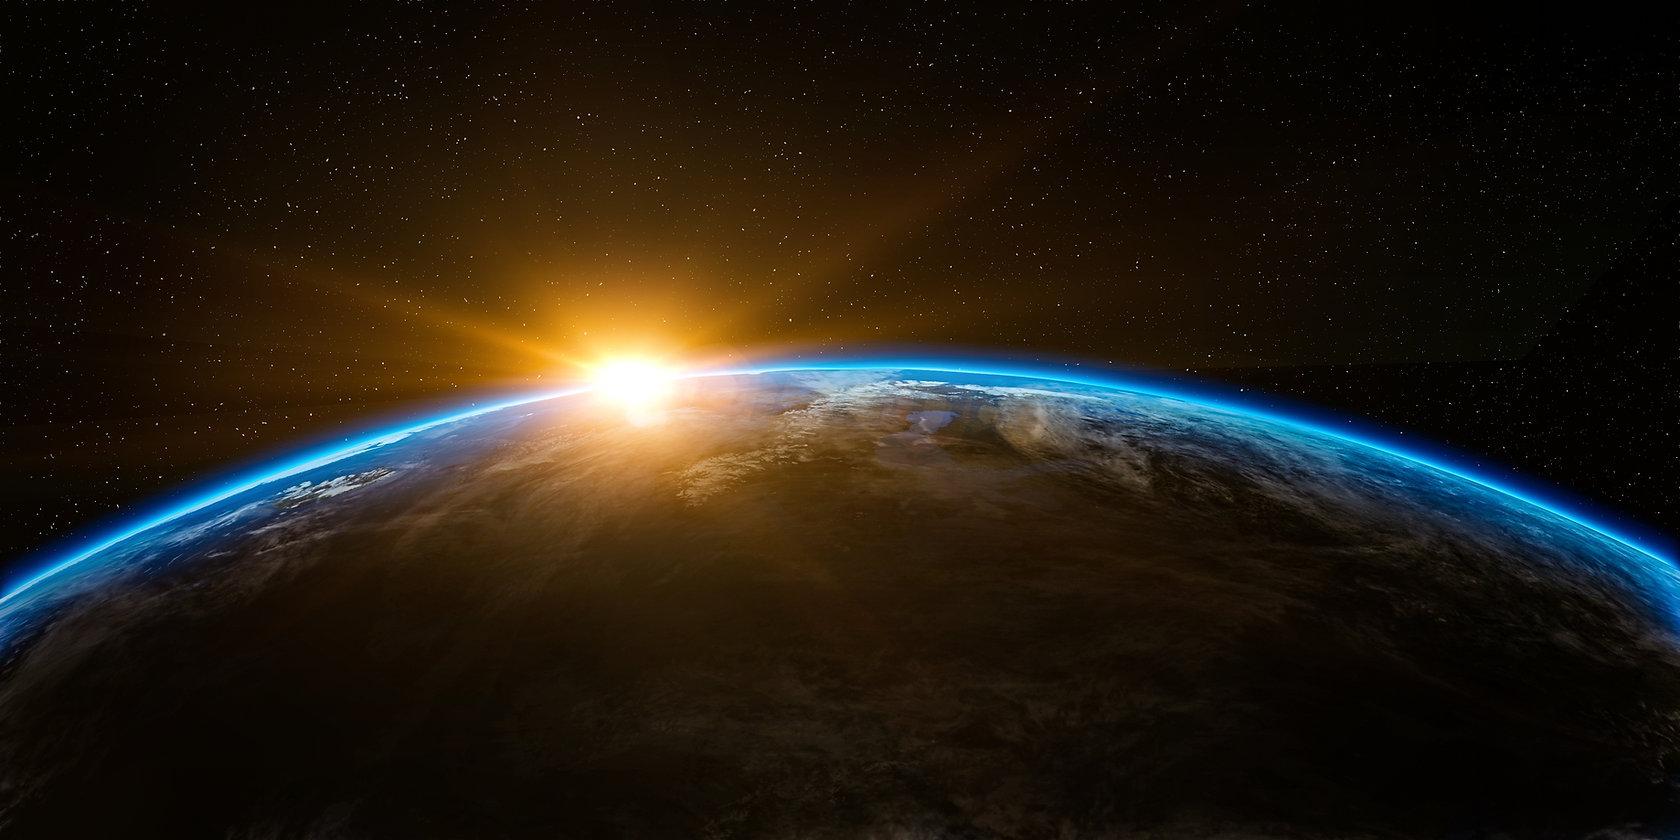 sunrise-1756274.jpg